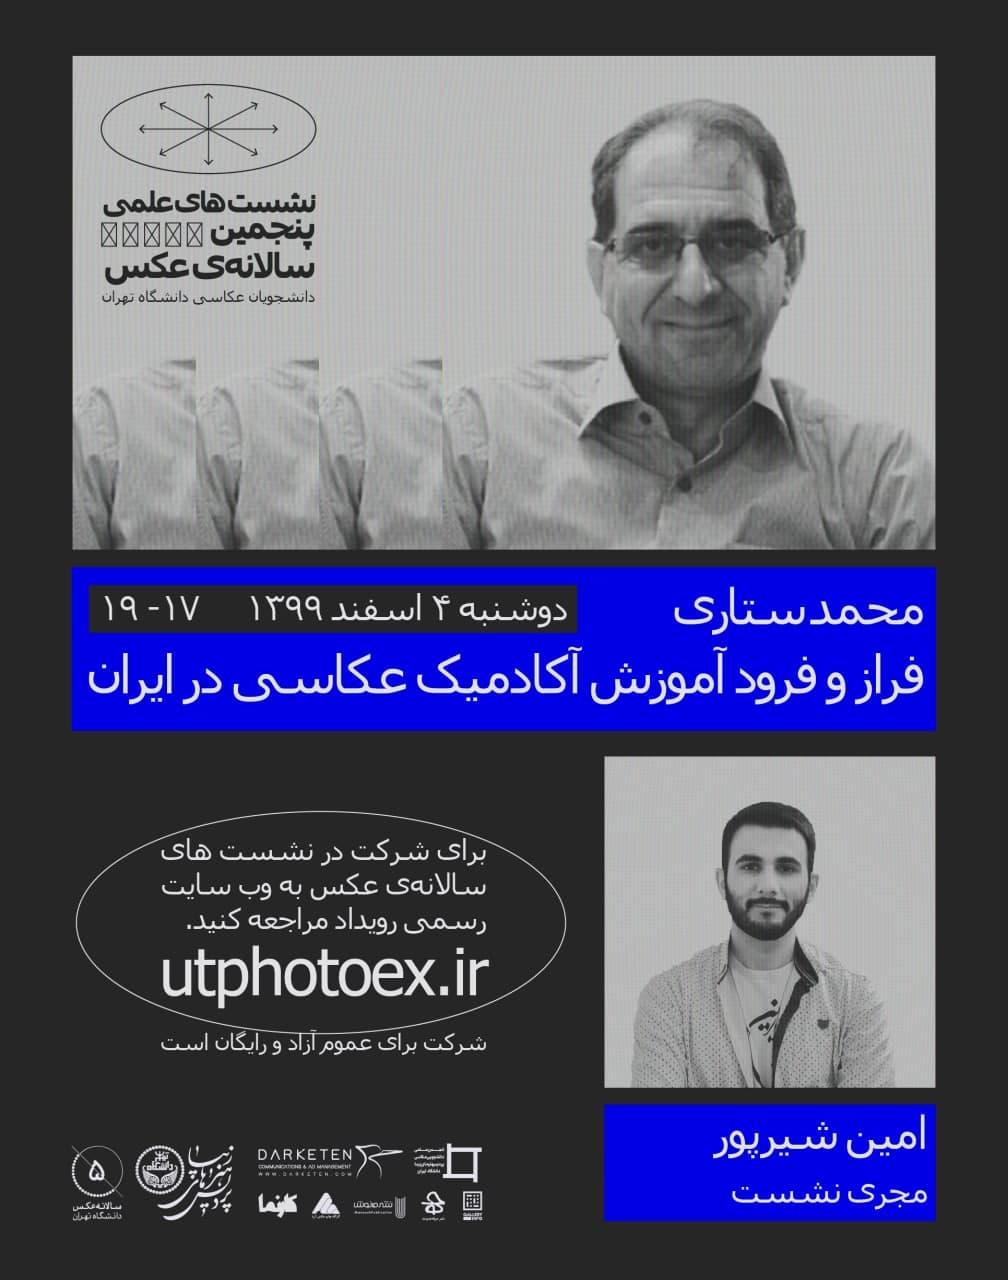 نشست «فراز و فرود آموزش آکادمیک عکاسی در ایران»